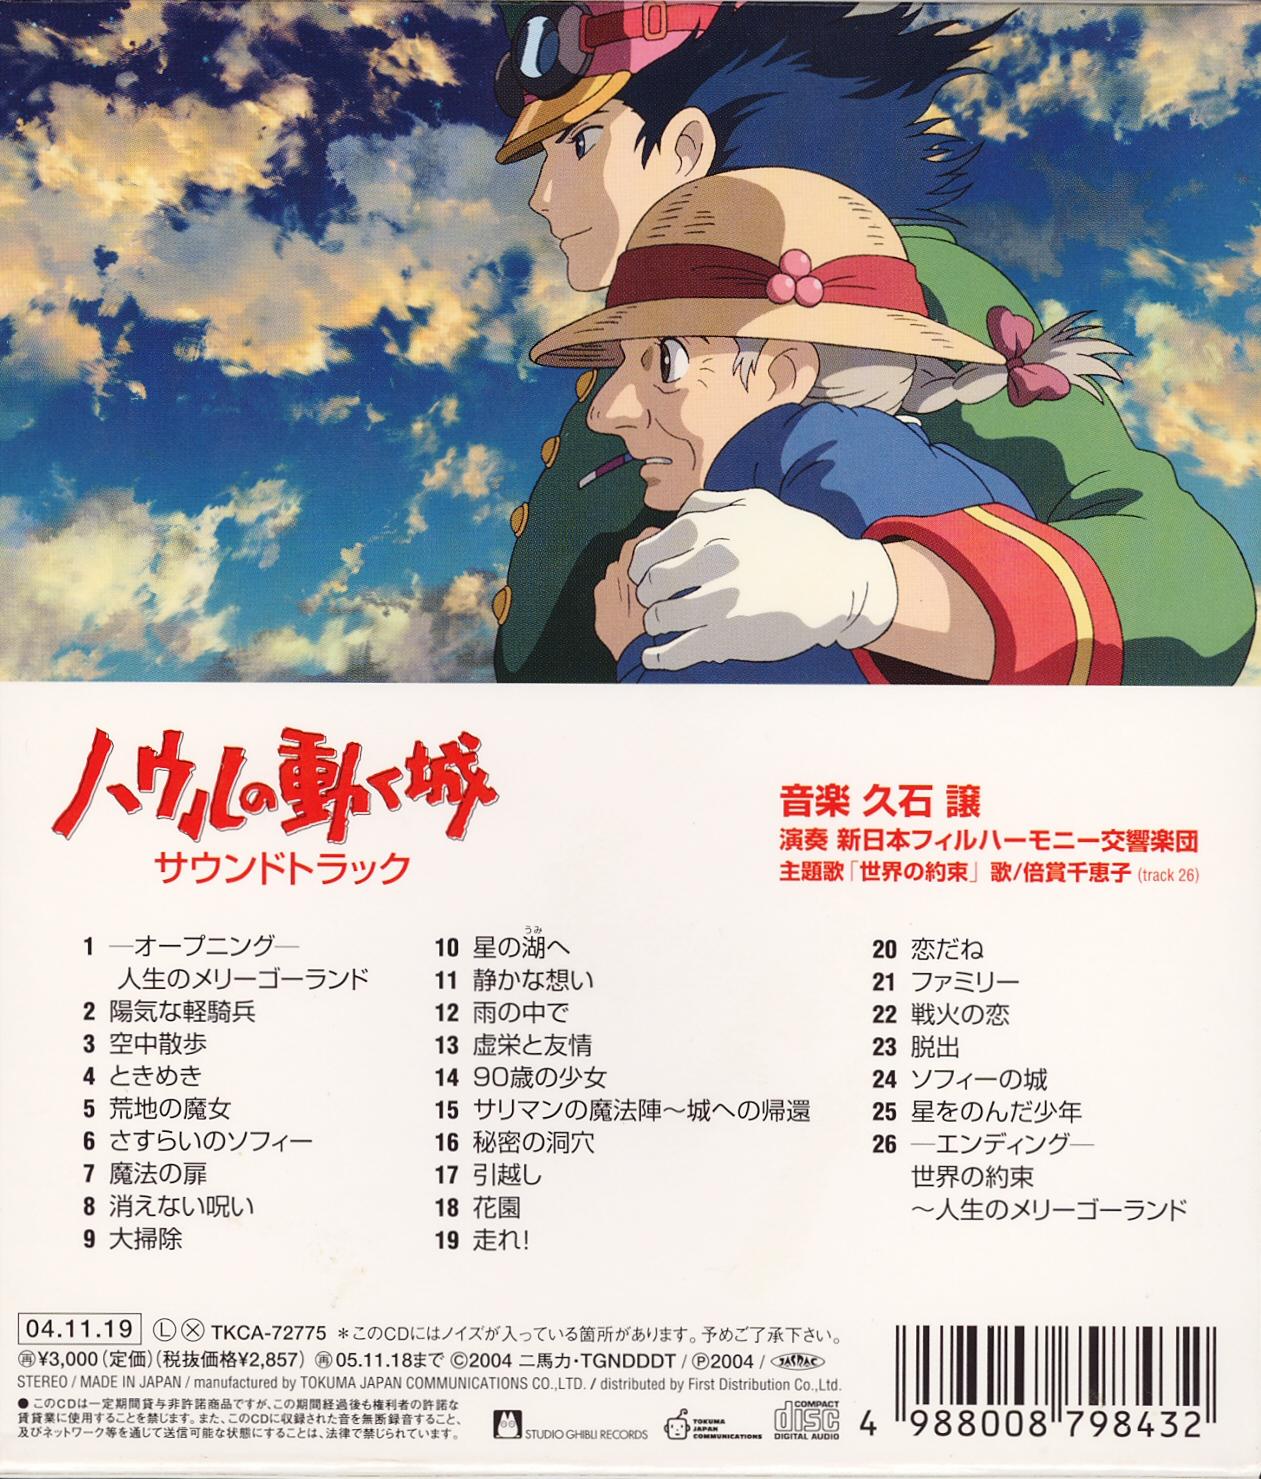 Howl's Moving Castle Soundtrack Slipcase Back.jpg